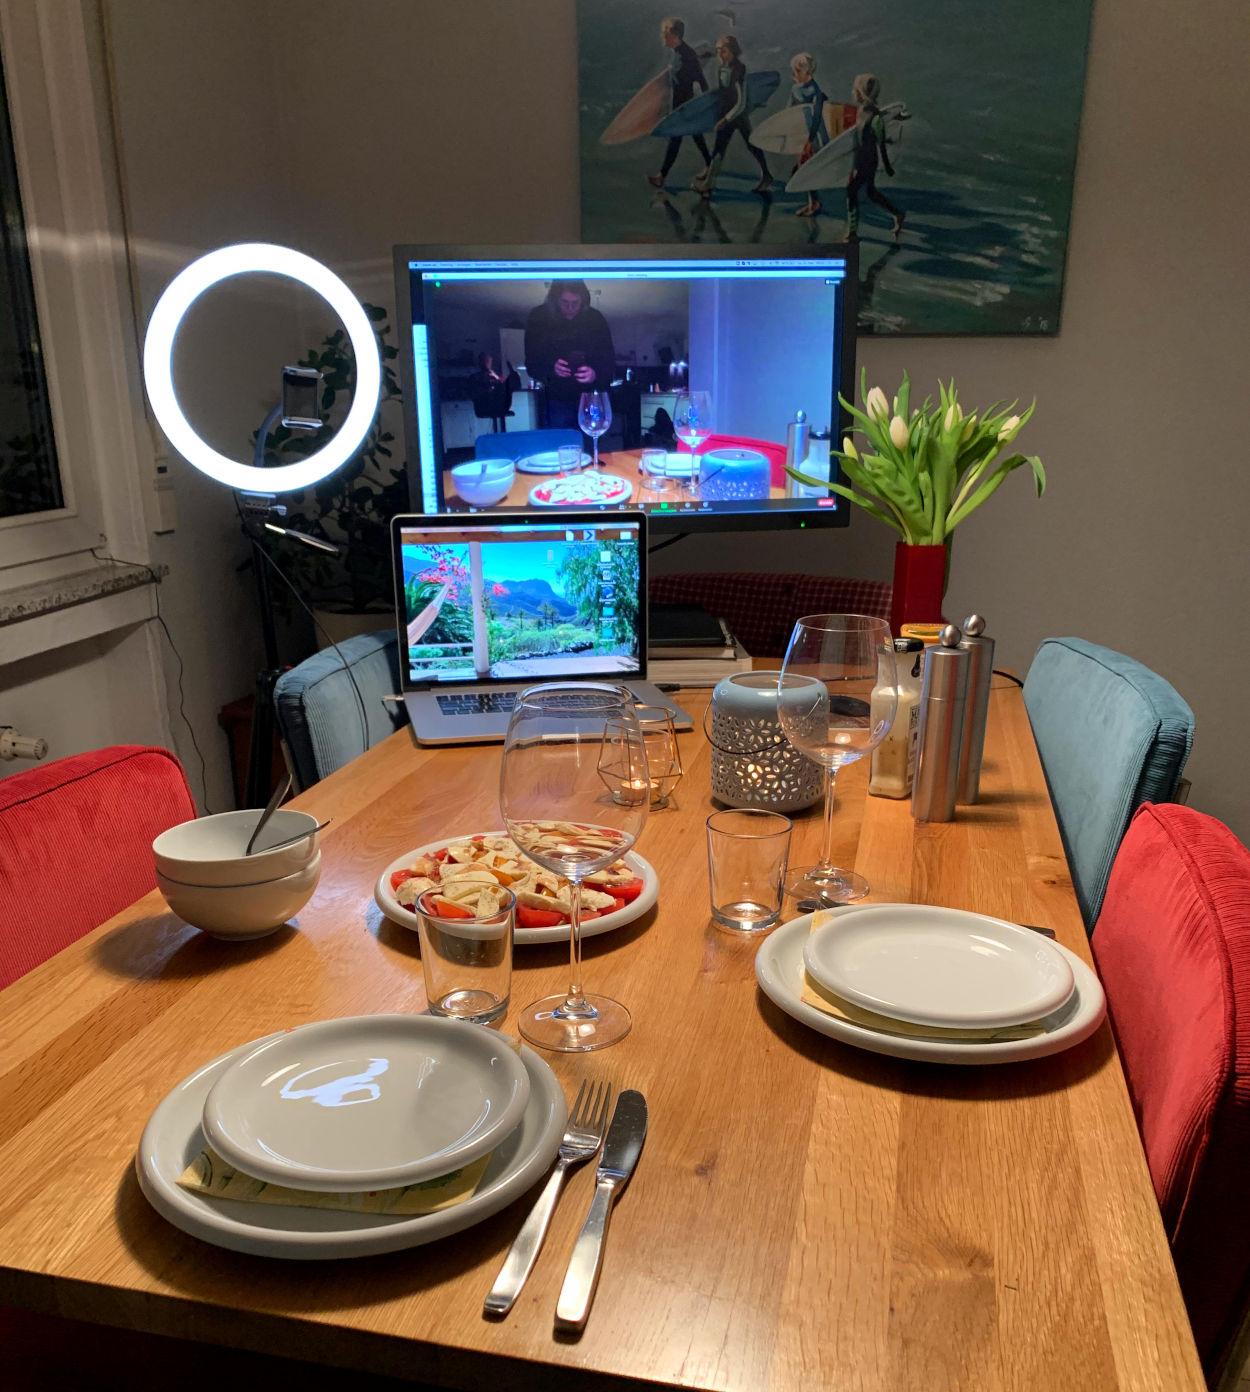 Esstisch mit zwei Gedecken, am Kopfende ein Monitor und ein Laptop.